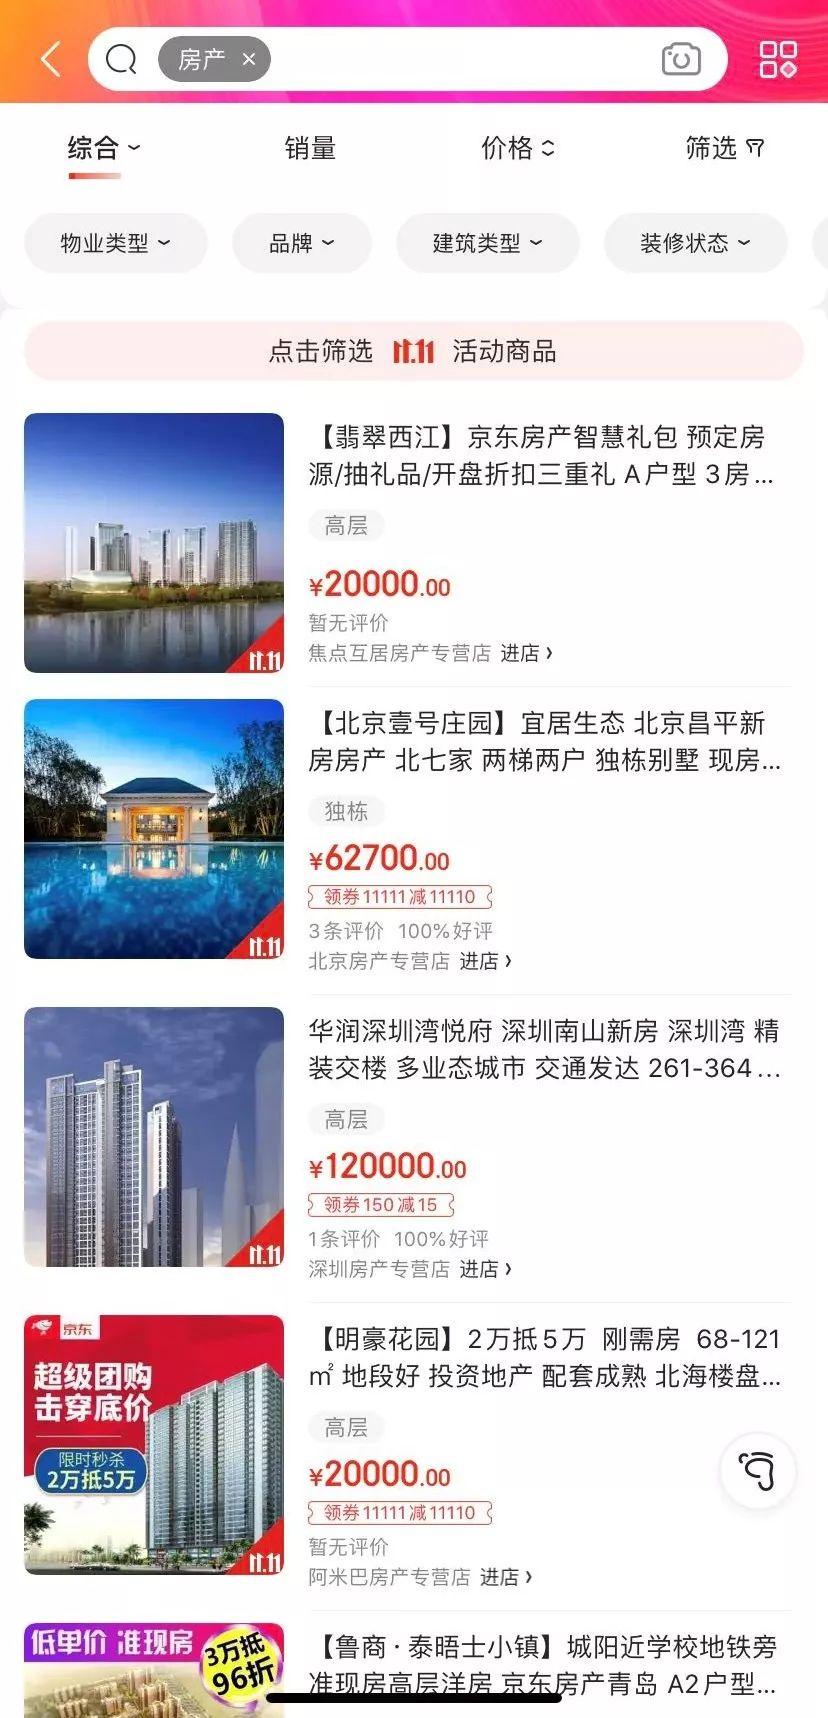 赢彩网下载·赤峰吉隆黄金矿业股份有限公司简式权益变动报告书